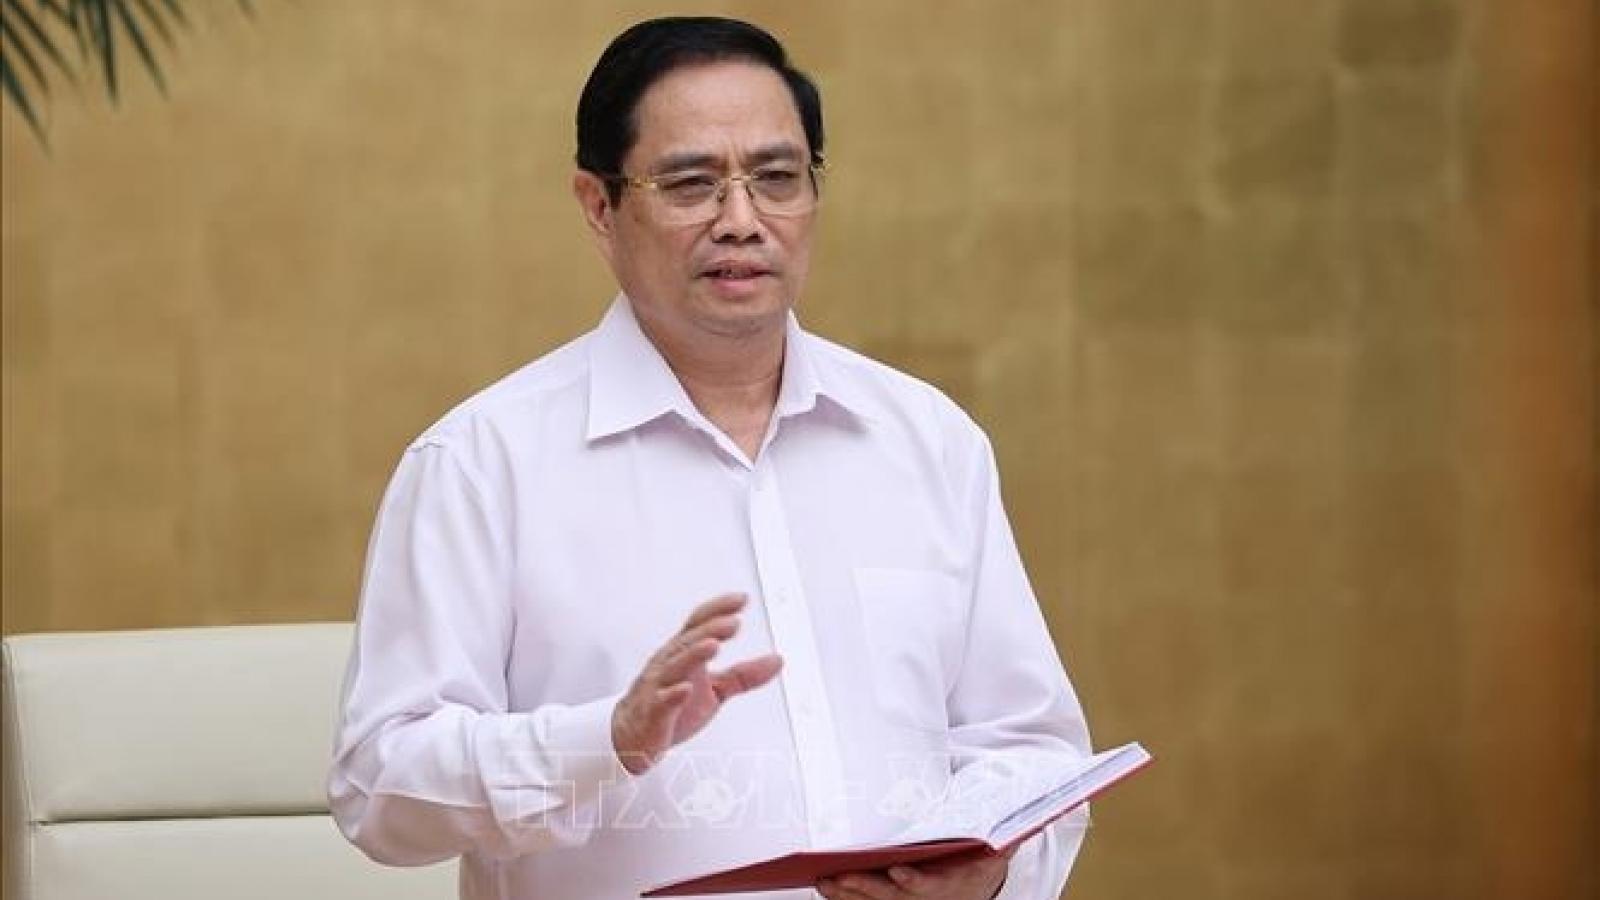 Thủ tướng dự Lễ công bố kết nối nền tảng hỗ trợ tư vấn khám, chữa bệnh từ xa